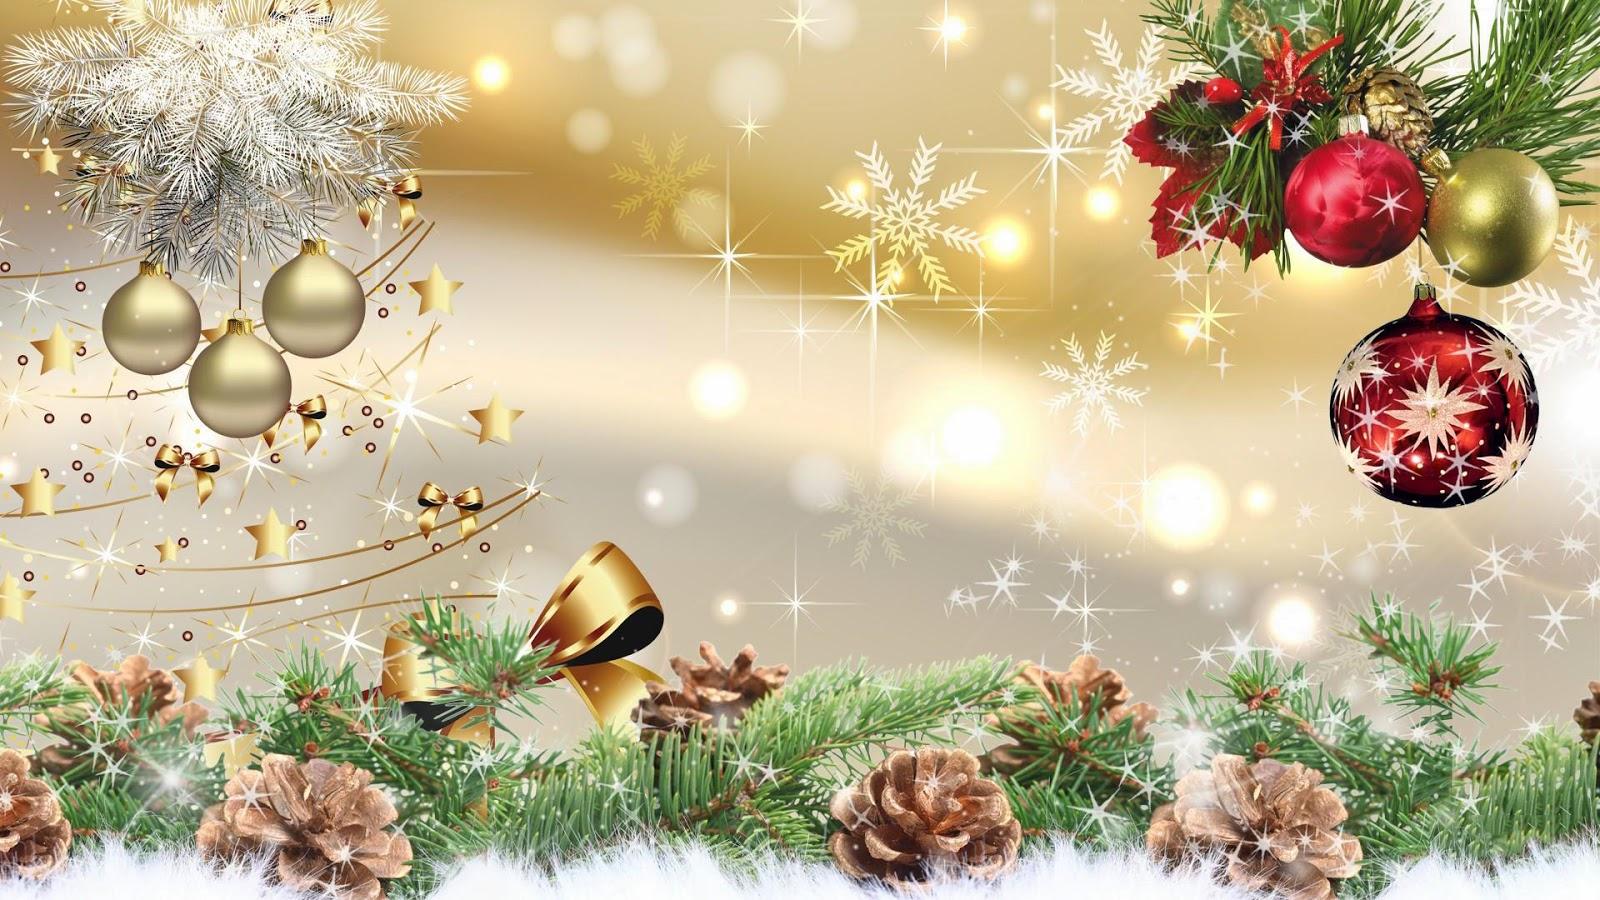 Banco de im genes postal con adornos navide os y mensaje bonito para compartir - Adornos para fotos gratis ...